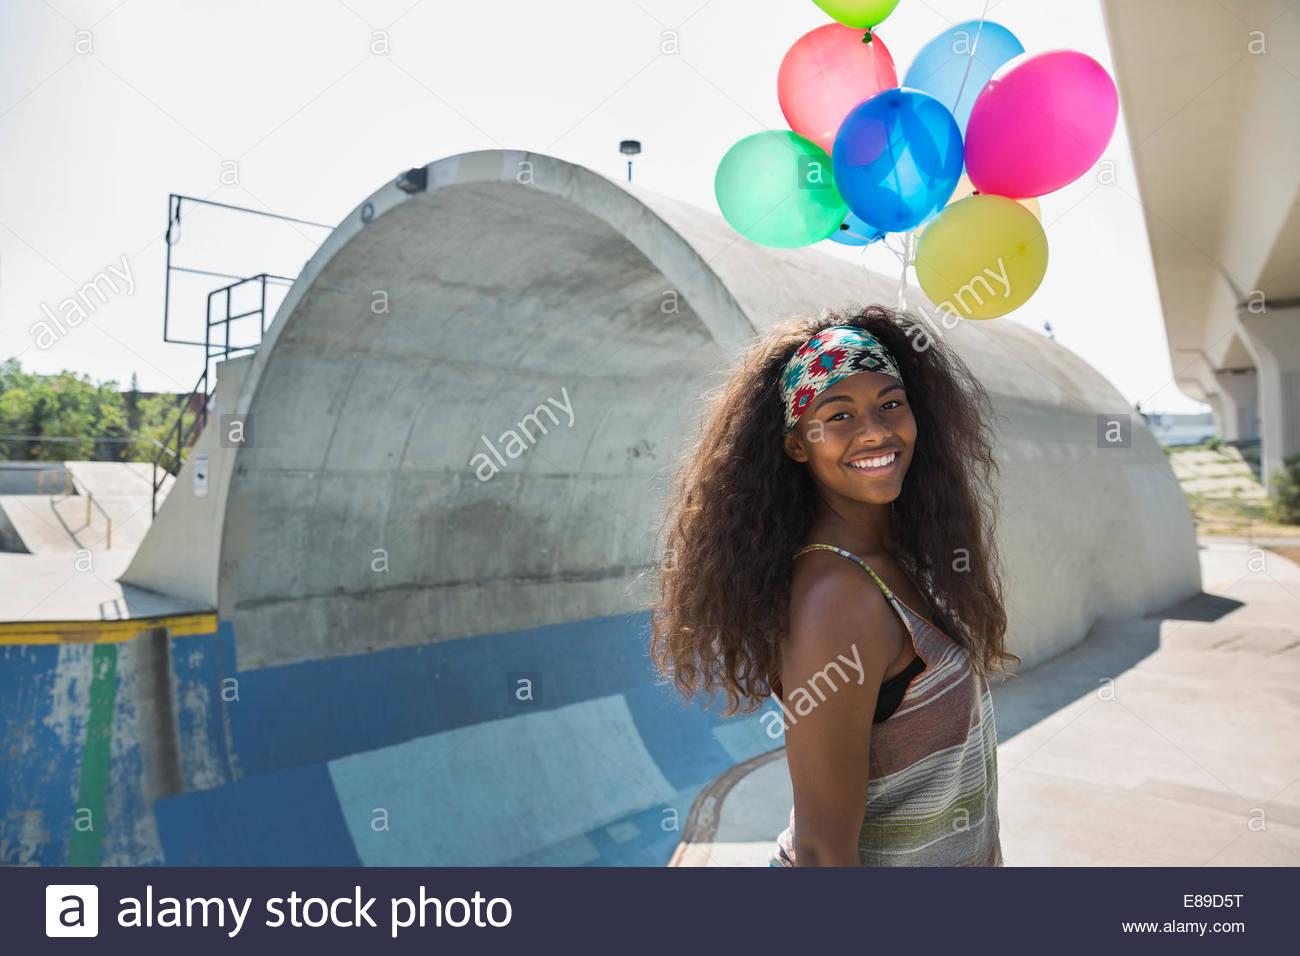 Ragazza adolescente con palloncini a skate park Immagini Stock